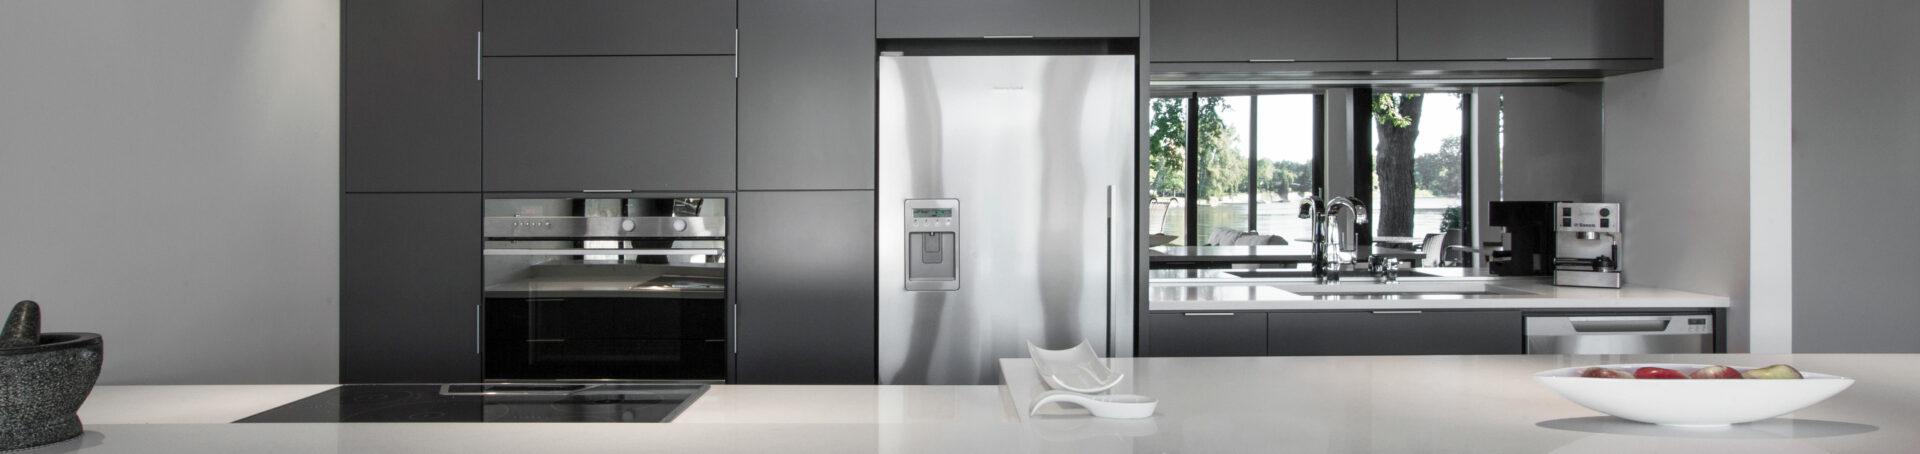 Kitchen Cabinets And Bathroom Vanities Gem Cabinets Edmonton St Albert